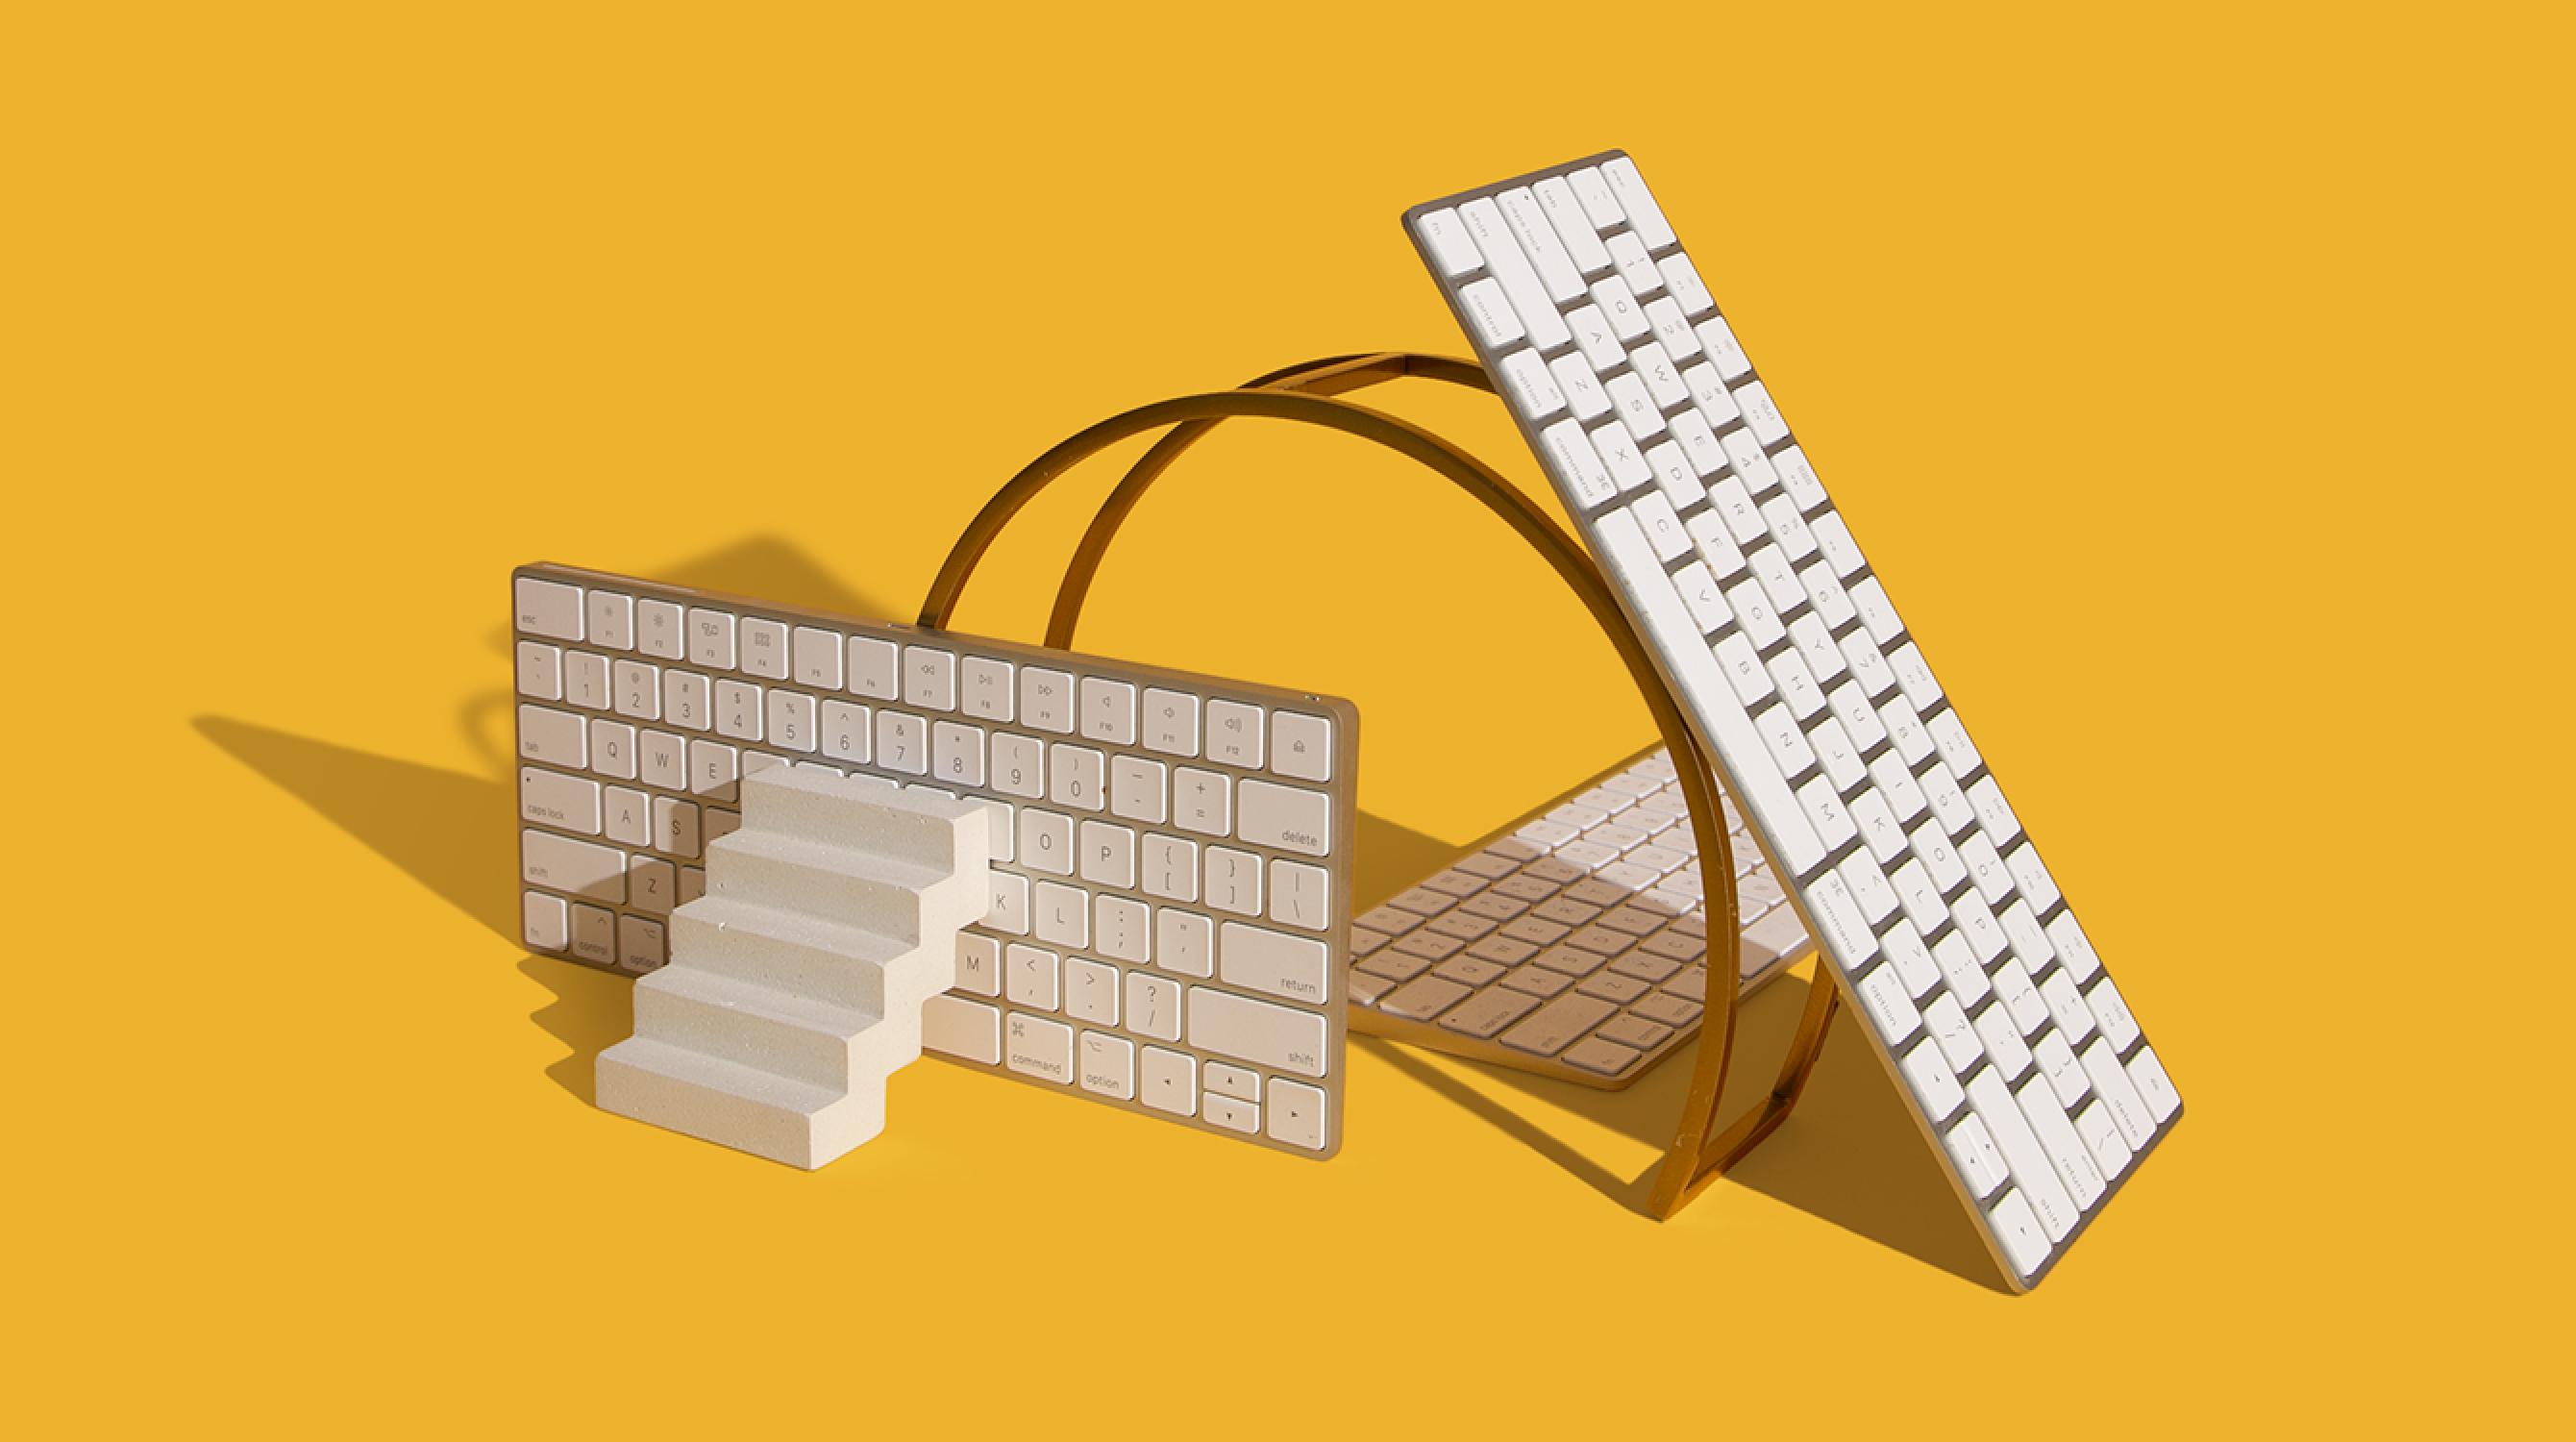 3つのキーボード-hero